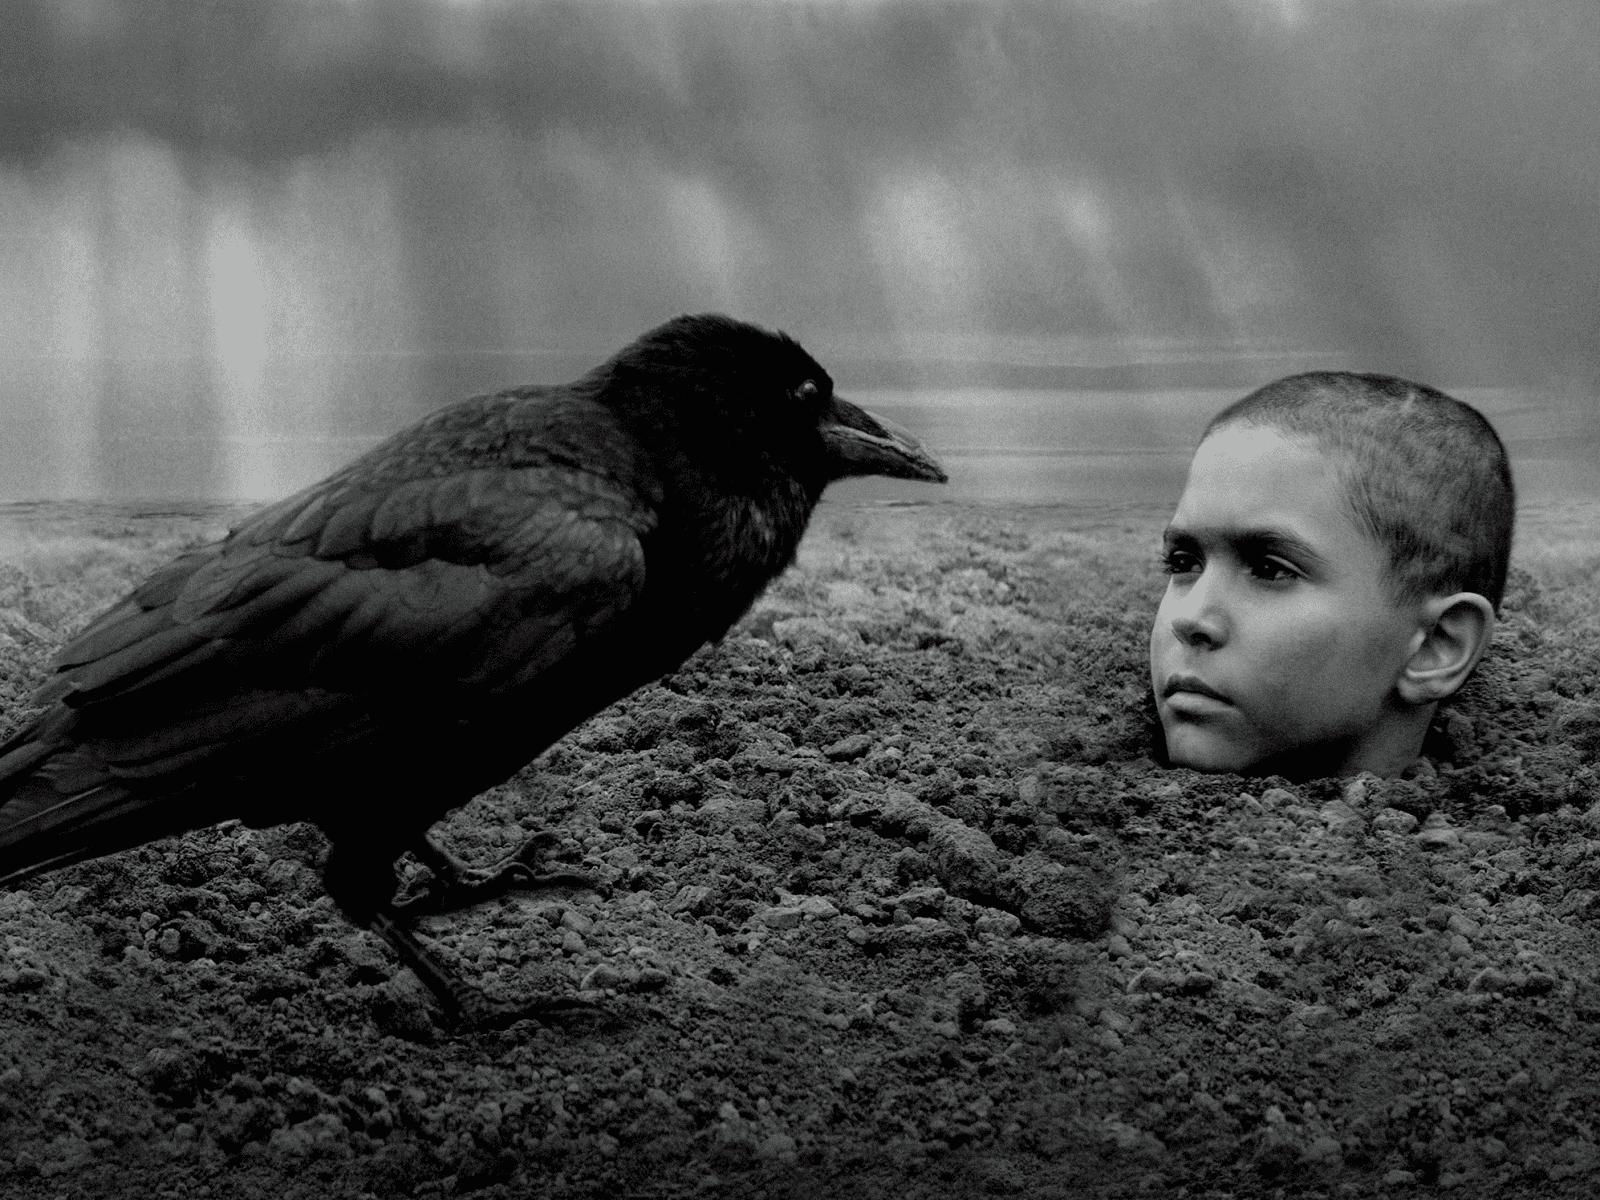 少年の非常の道行きが映し出す、人間の性と業。『異端の鳥』